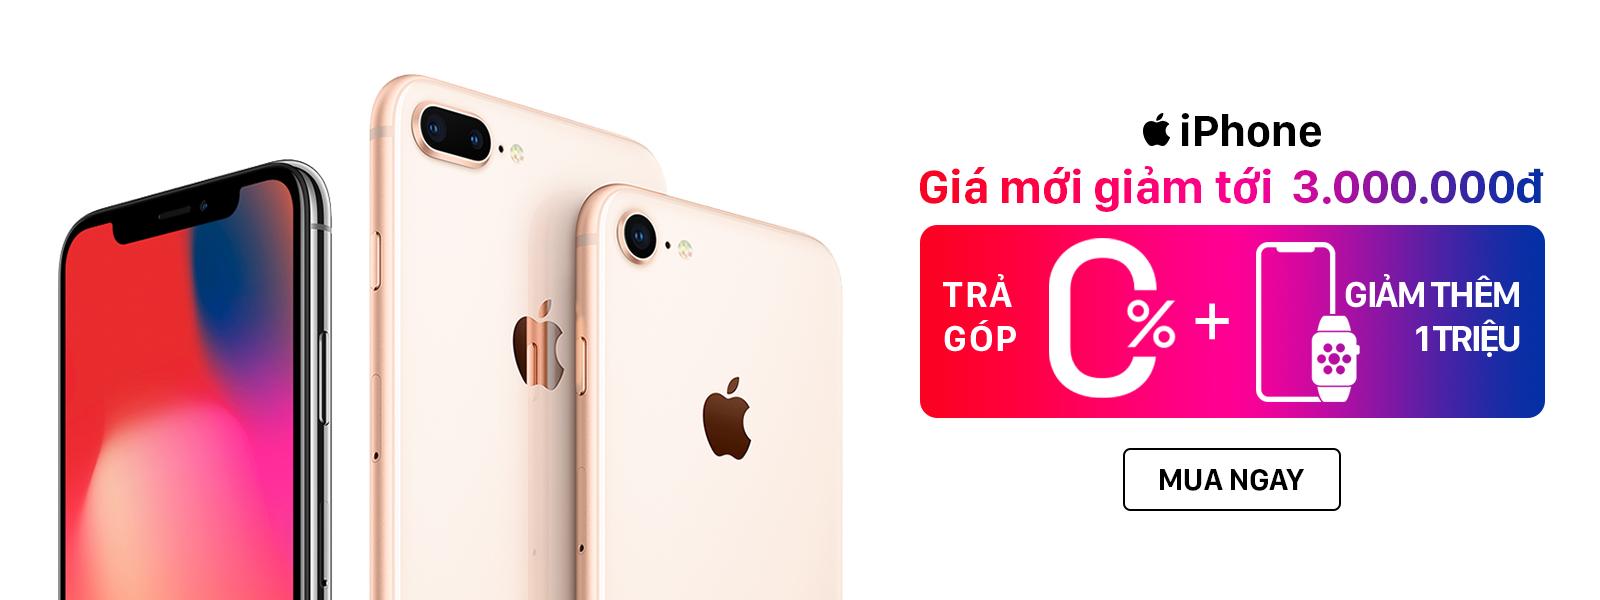 Hình ảnh Iphone - giảm tới 3 Triệu đồng